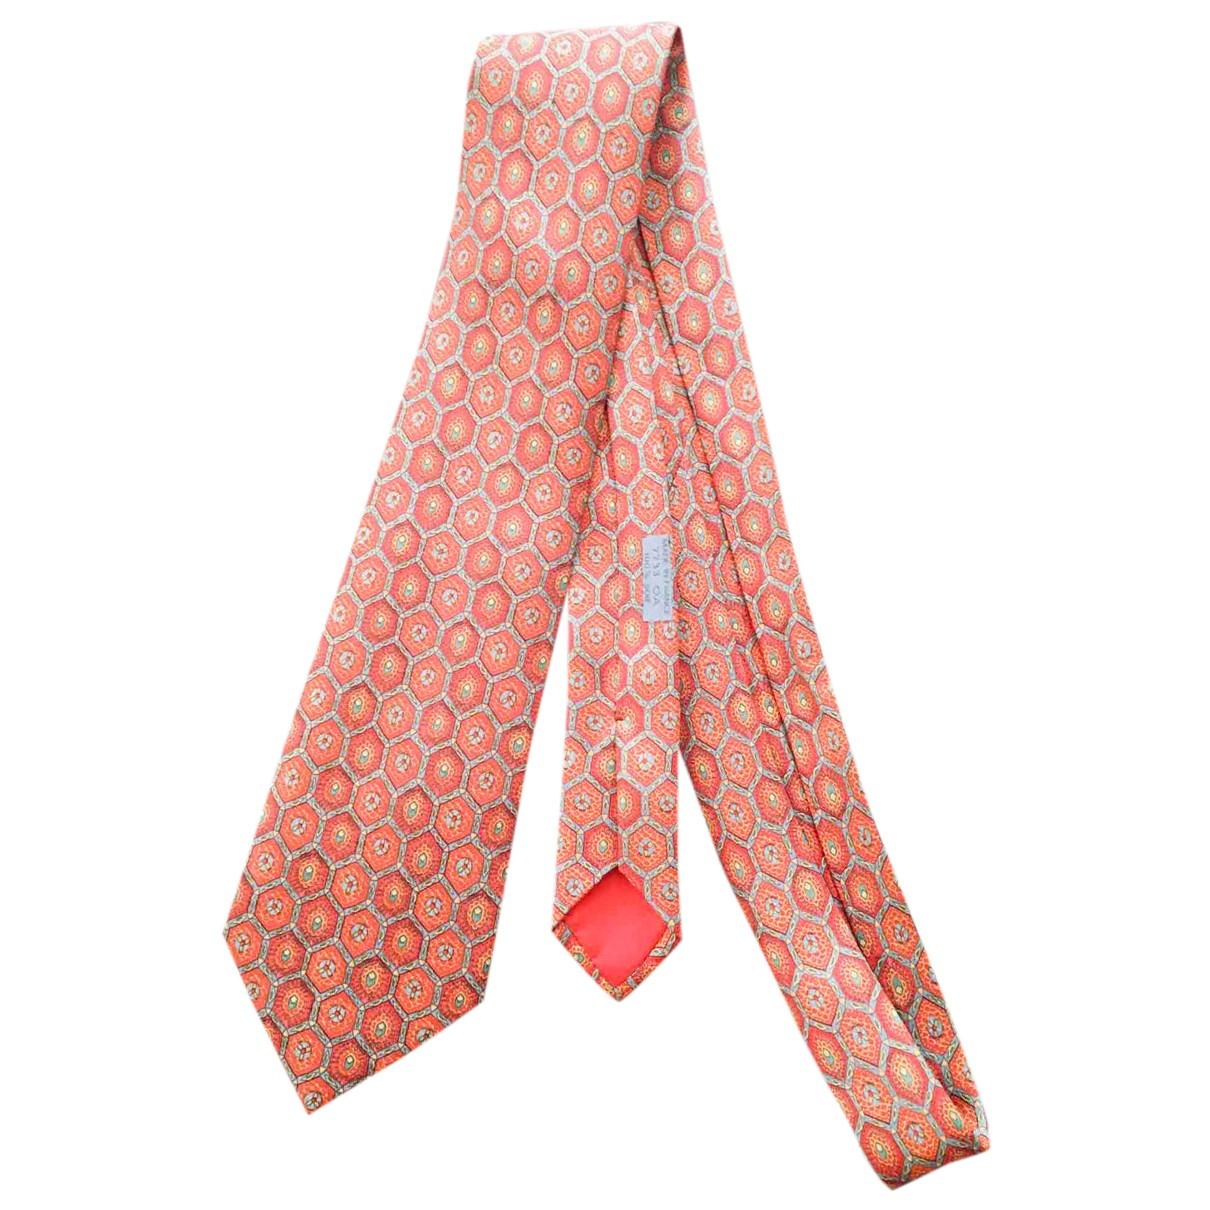 Hermes - Cravates   pour homme en soie - orange